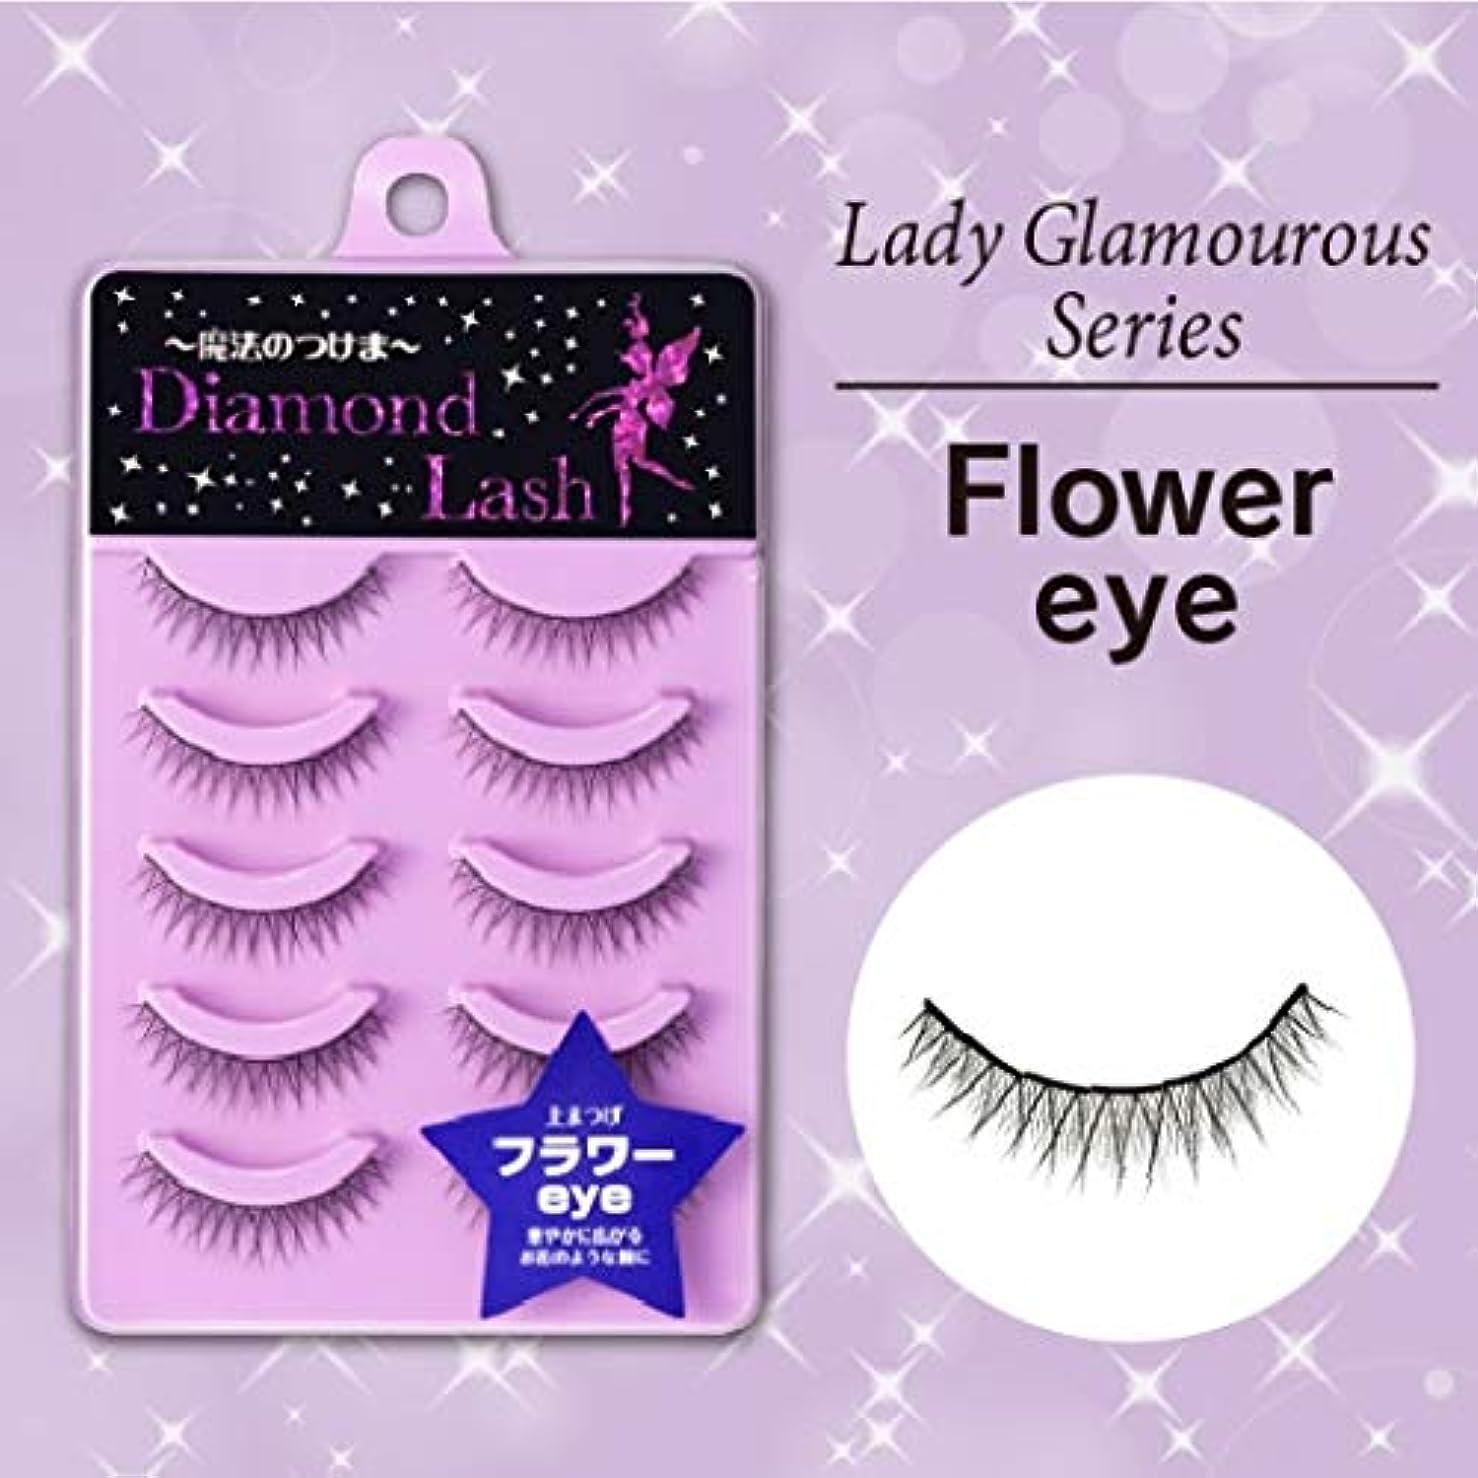 パイル懐疑論授業料Diamond Lash(ダイヤモンドラッシュ) レディグラマスシリーズ フラワーeye